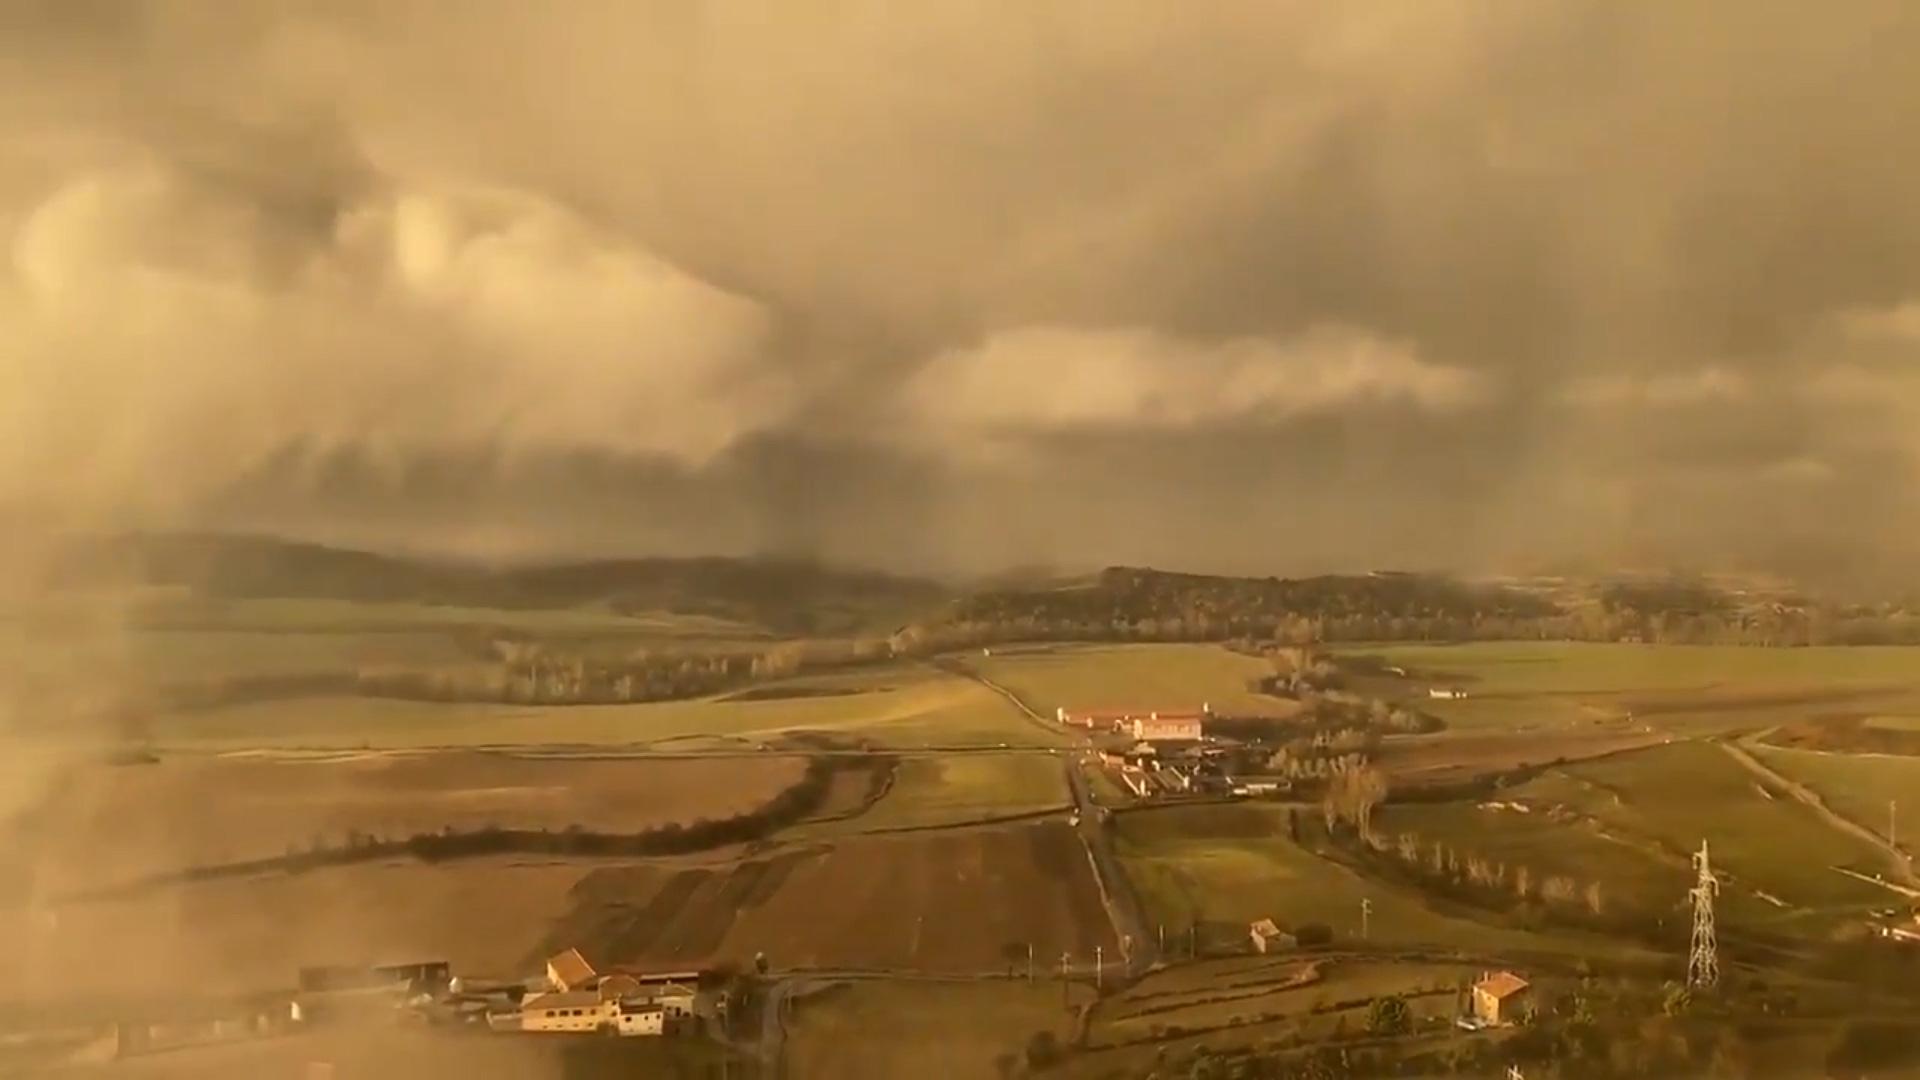 """Đám mây bão kỳ lạ trông như """"ngày tận thế"""" bao phủ Catalonia (Tây Ban Nha) - Ảnh 3."""